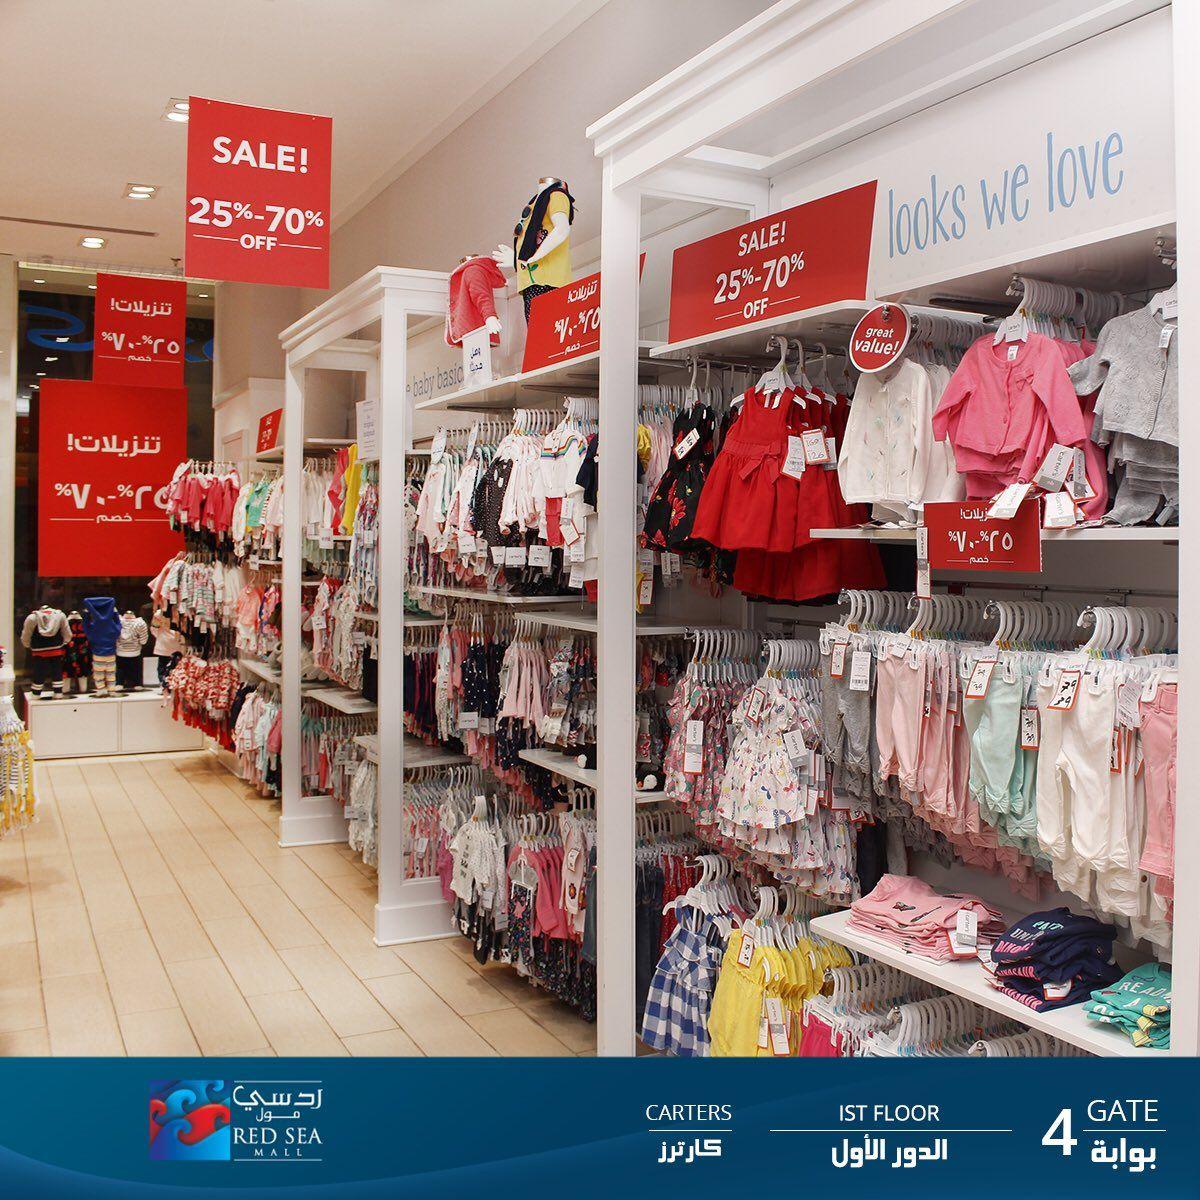 عروض وتخفيضات محلات كارترز لملابس الأطفال في رد سي مول حتي 70 عروض اليوم Red Sea Off Sale Carters